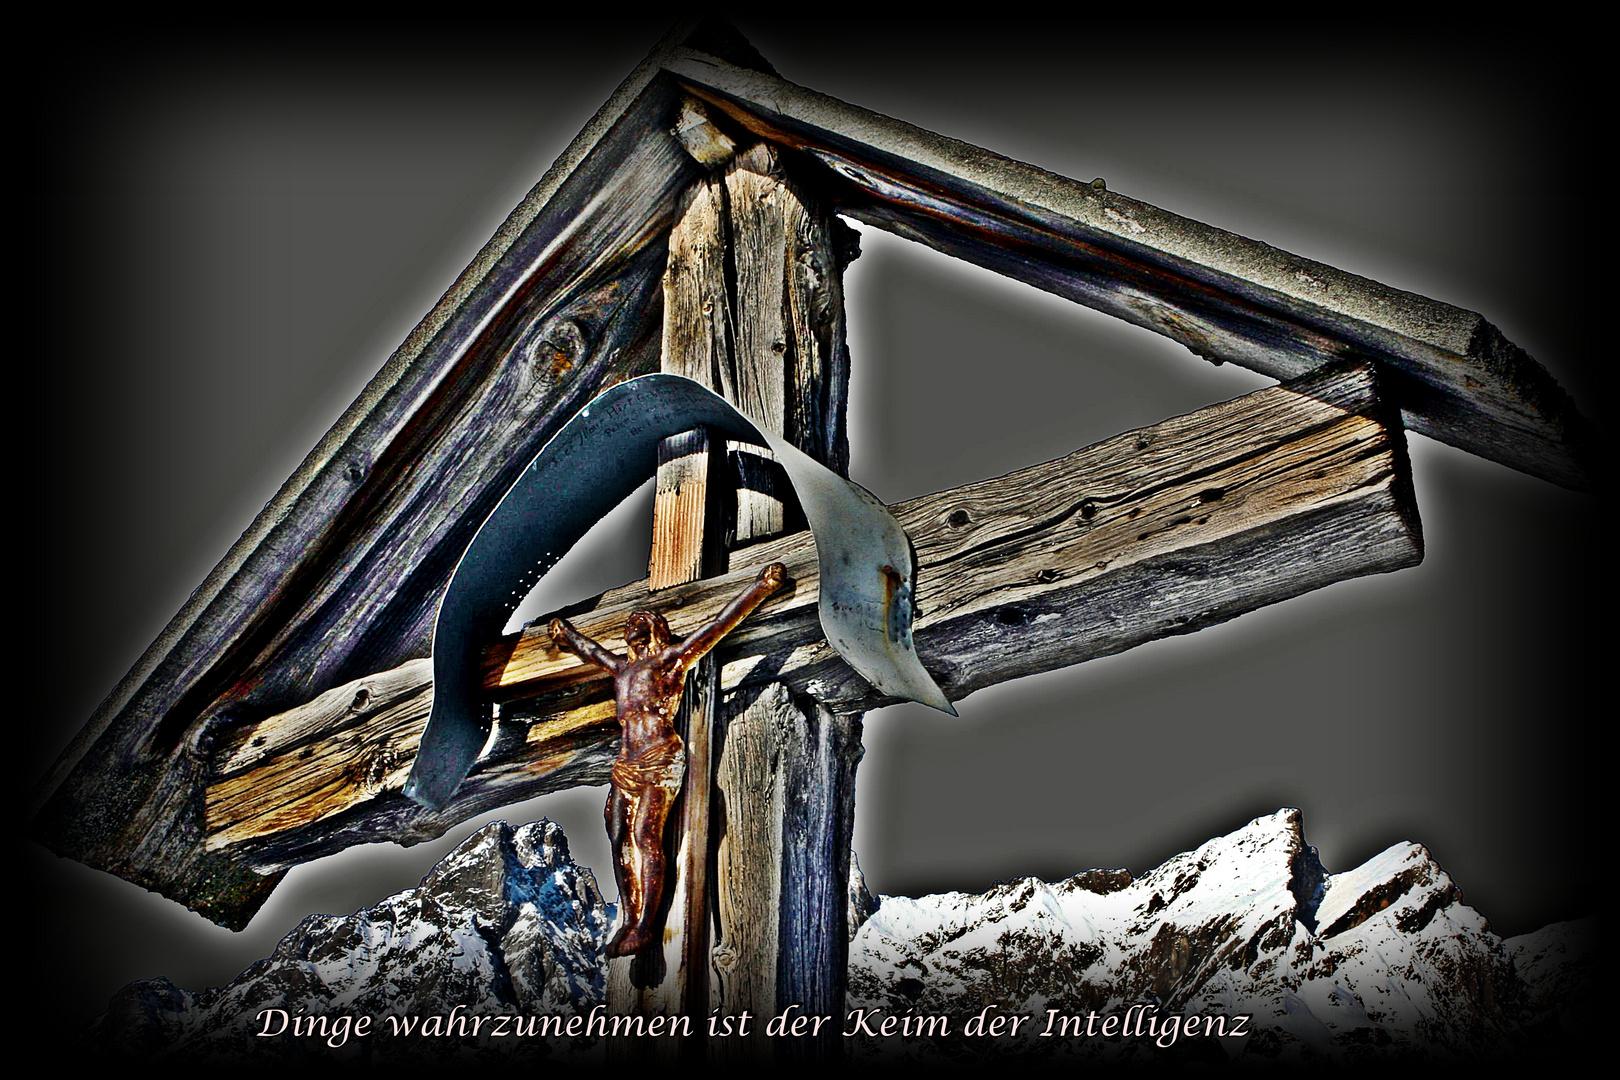 Kreuz von unseren Vorfahren,das leider entfernt wurde.